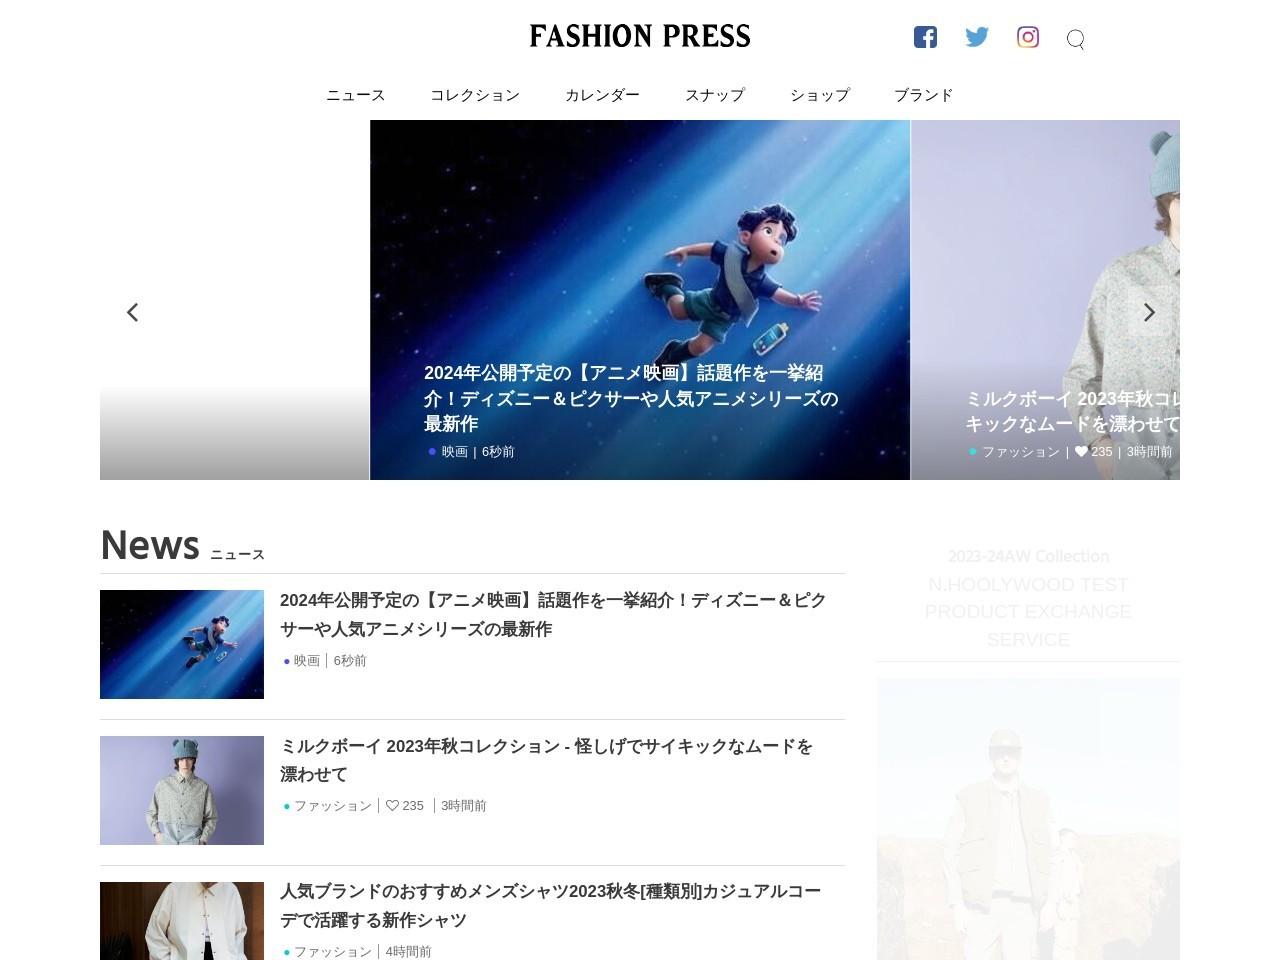 https://www.fashion-press.net/brands/234